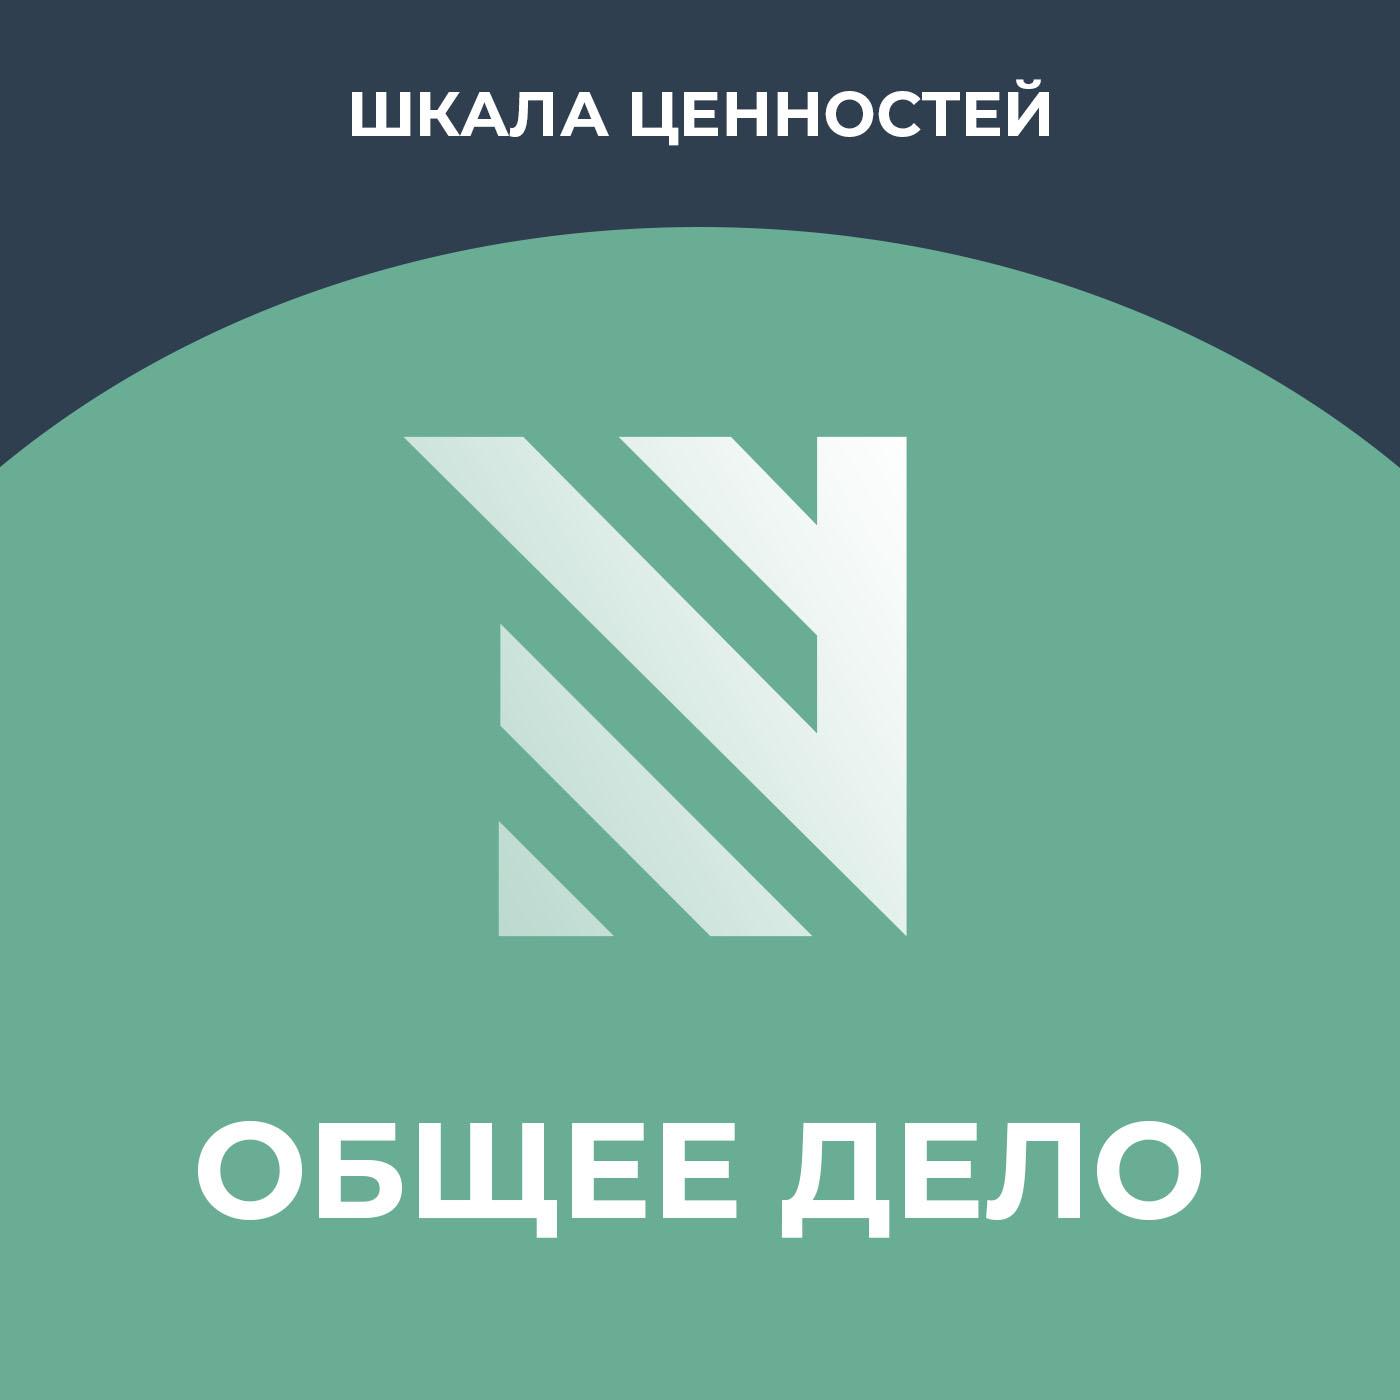 Общее дело #7. Павел Гнилорыбов. Градозащита в России: есть ли прогресс?